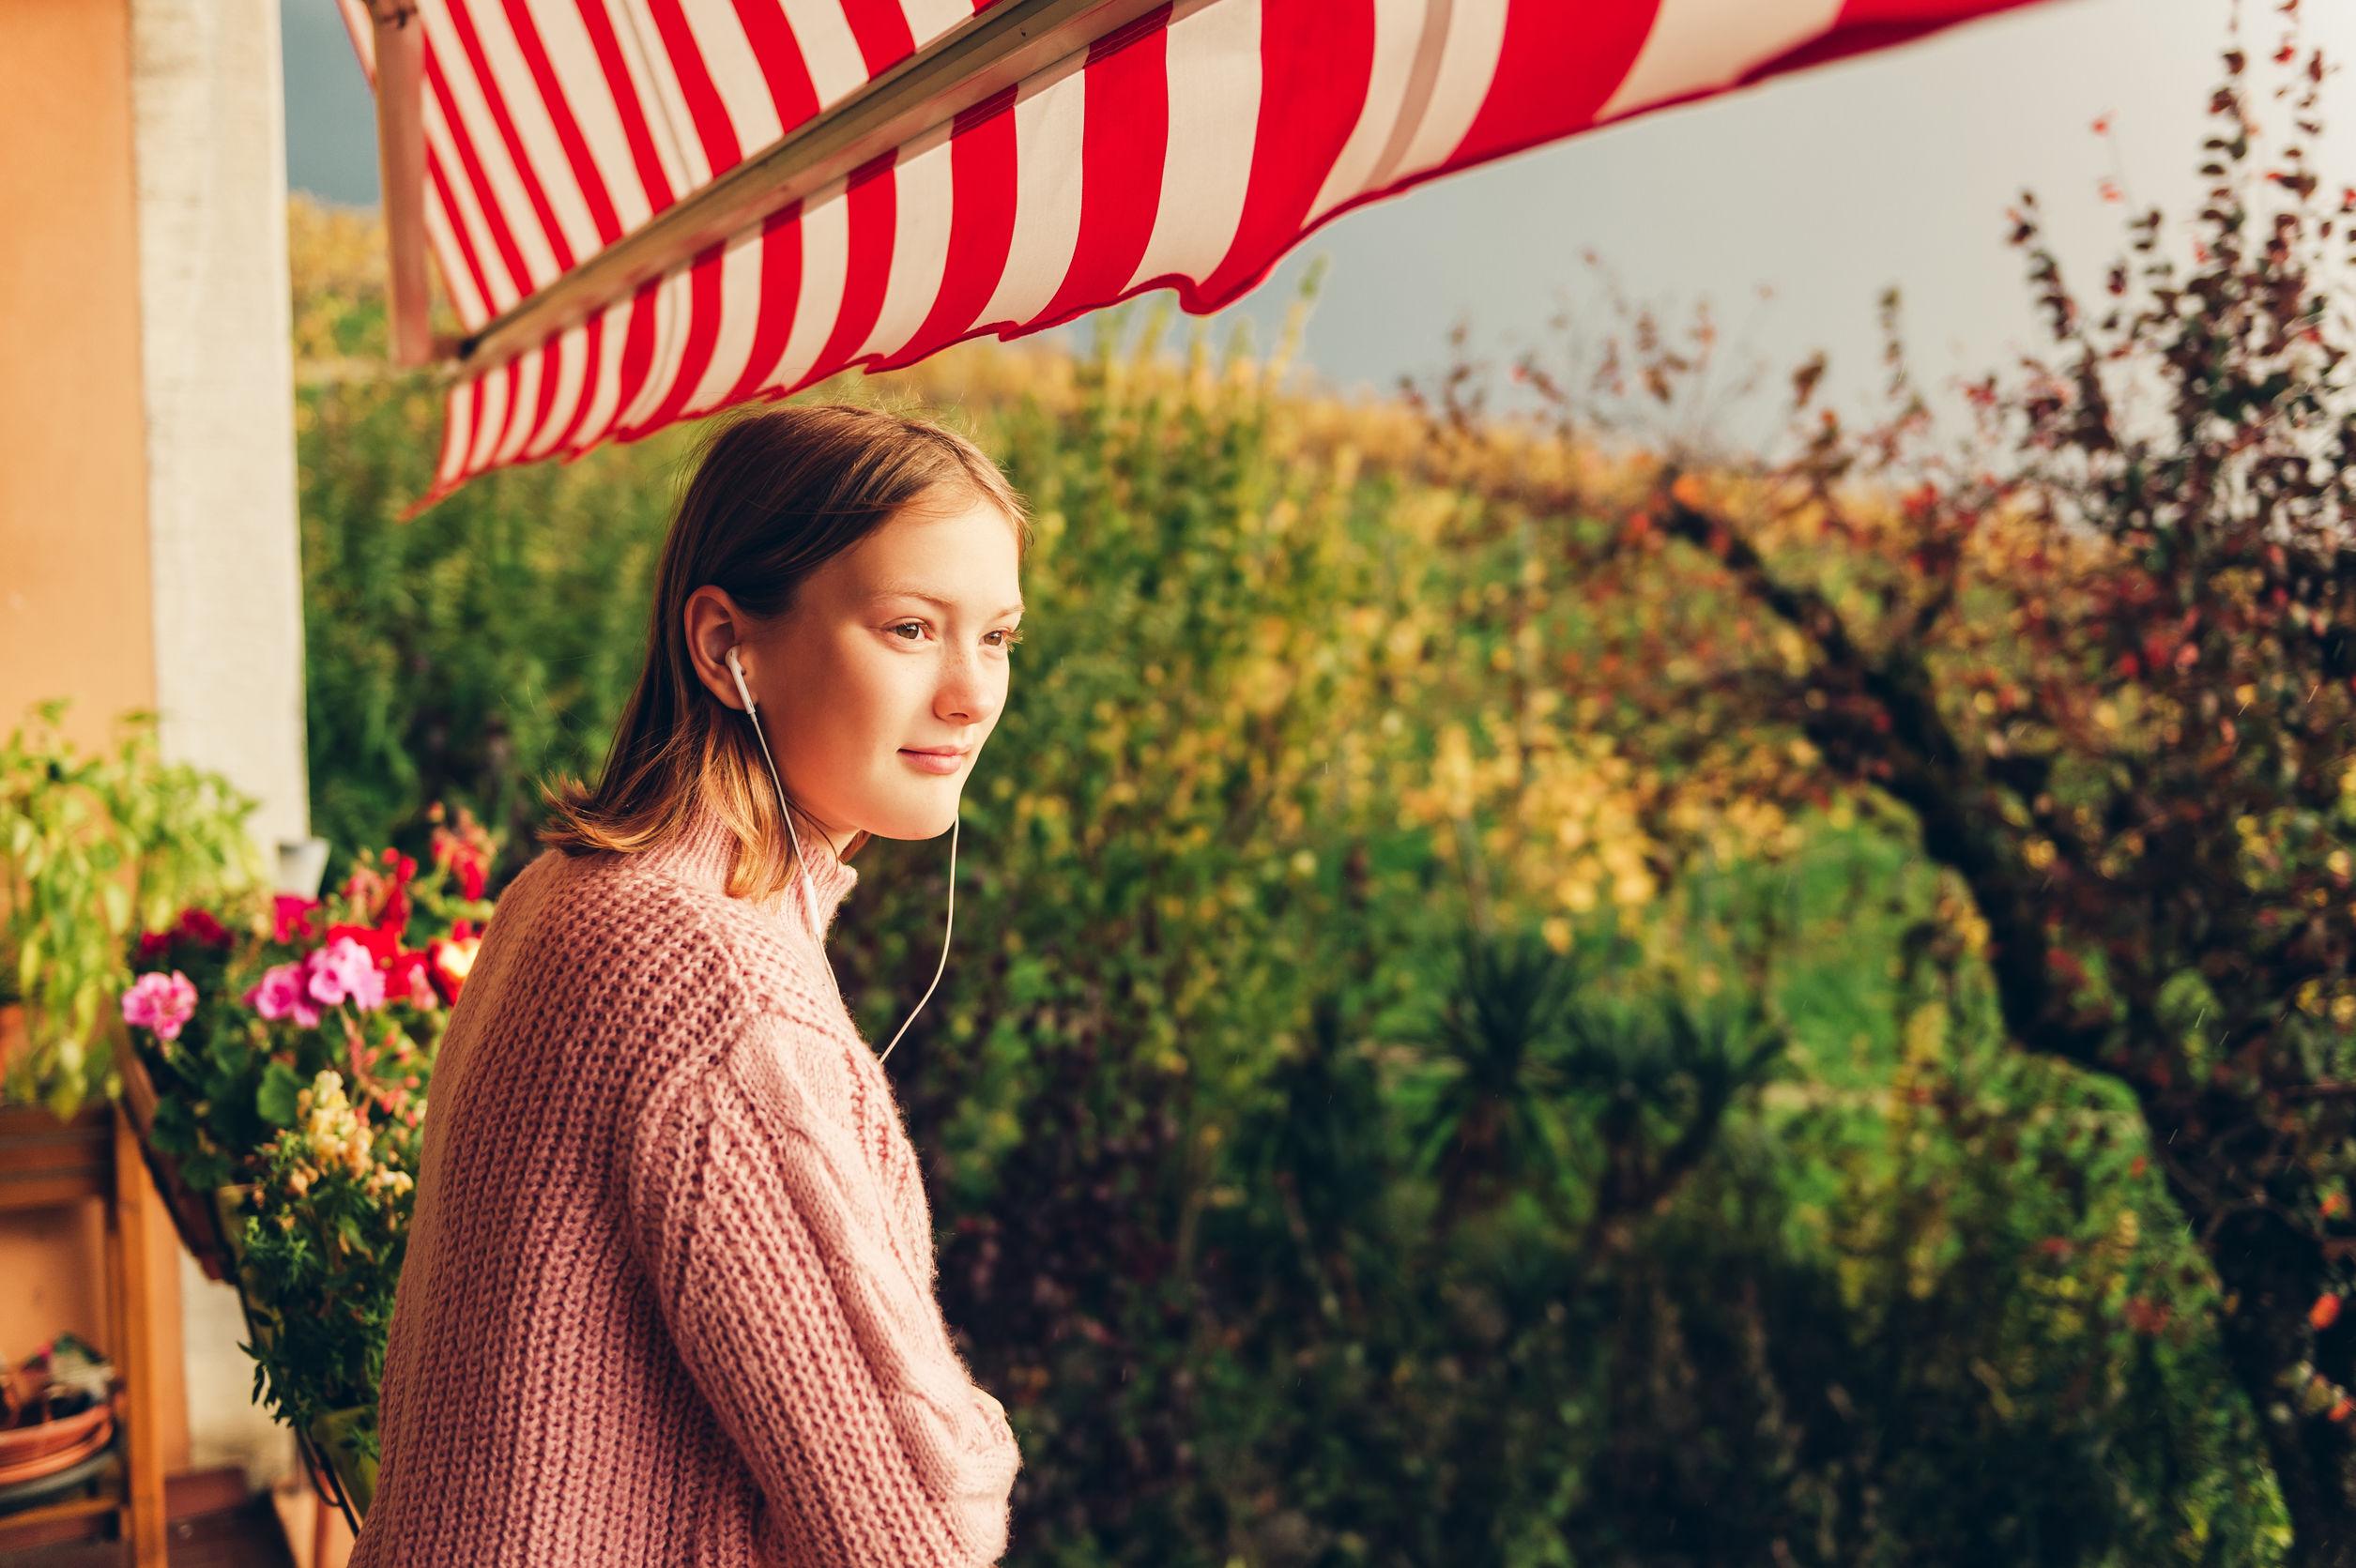 Hermosa adolescente disfrutando de una agradable y soleada tarde en el balcón con toldo